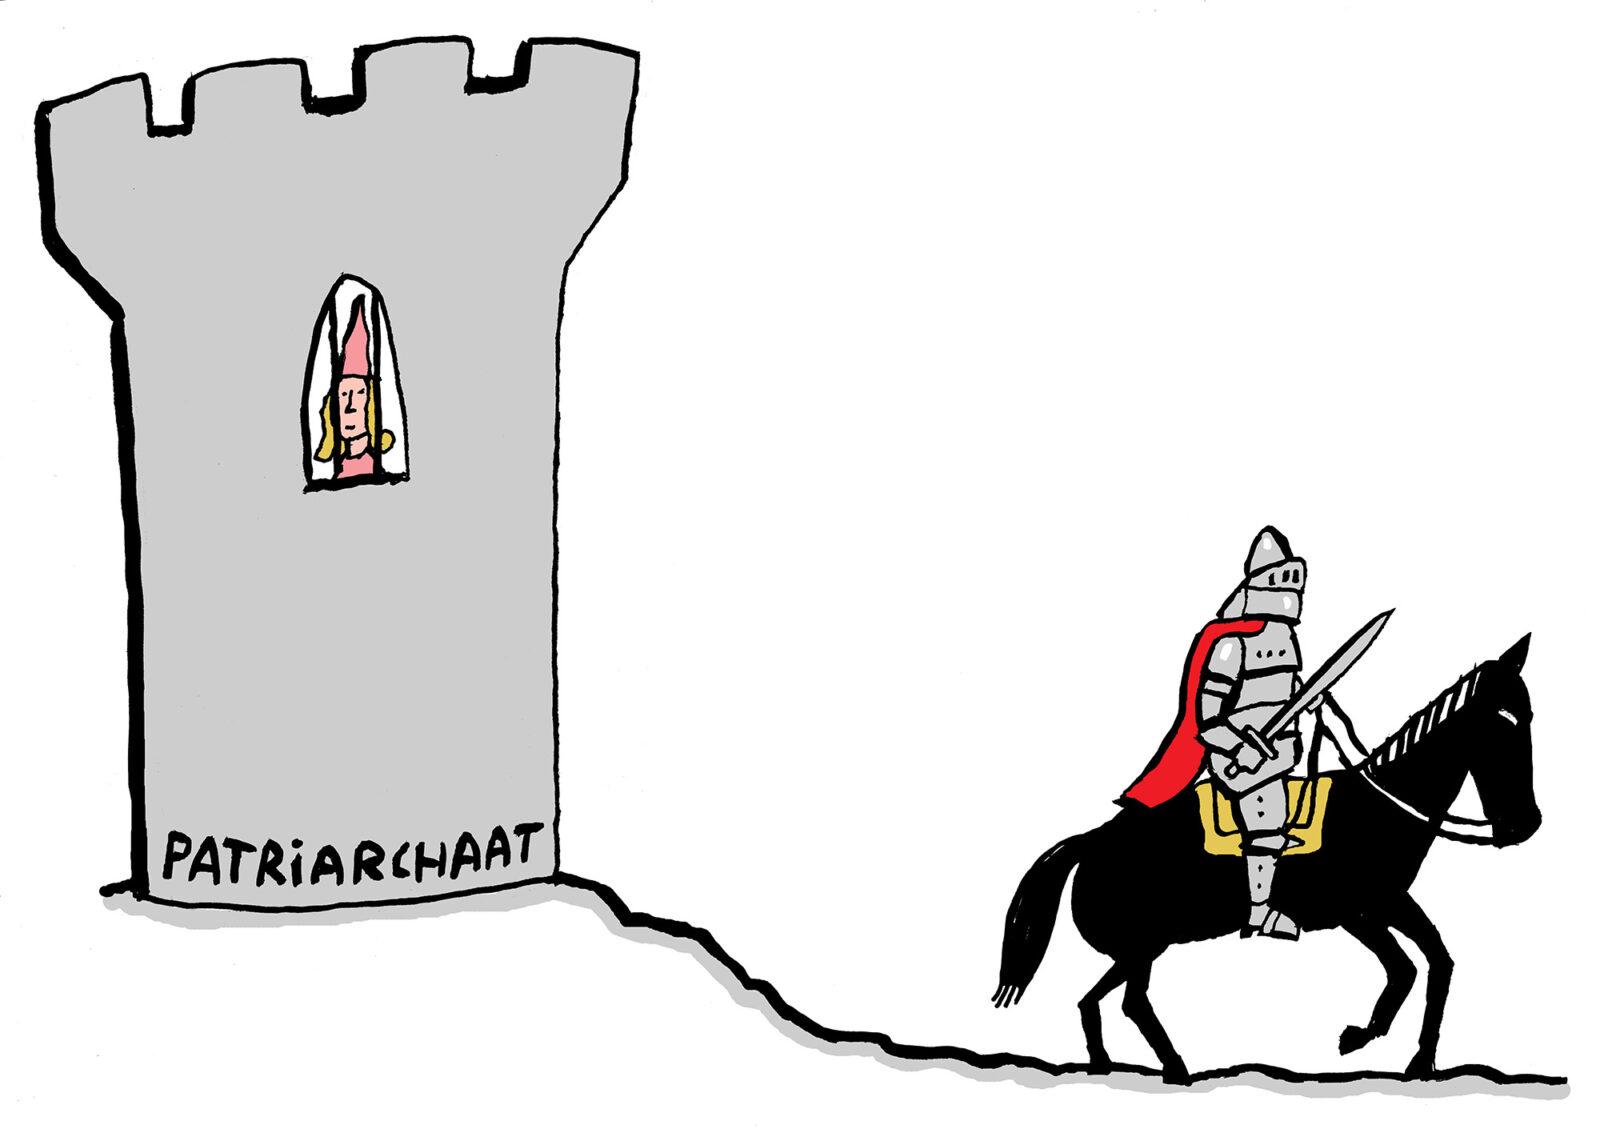 De Kwestie – patriarchaat ridder – bas van der schot